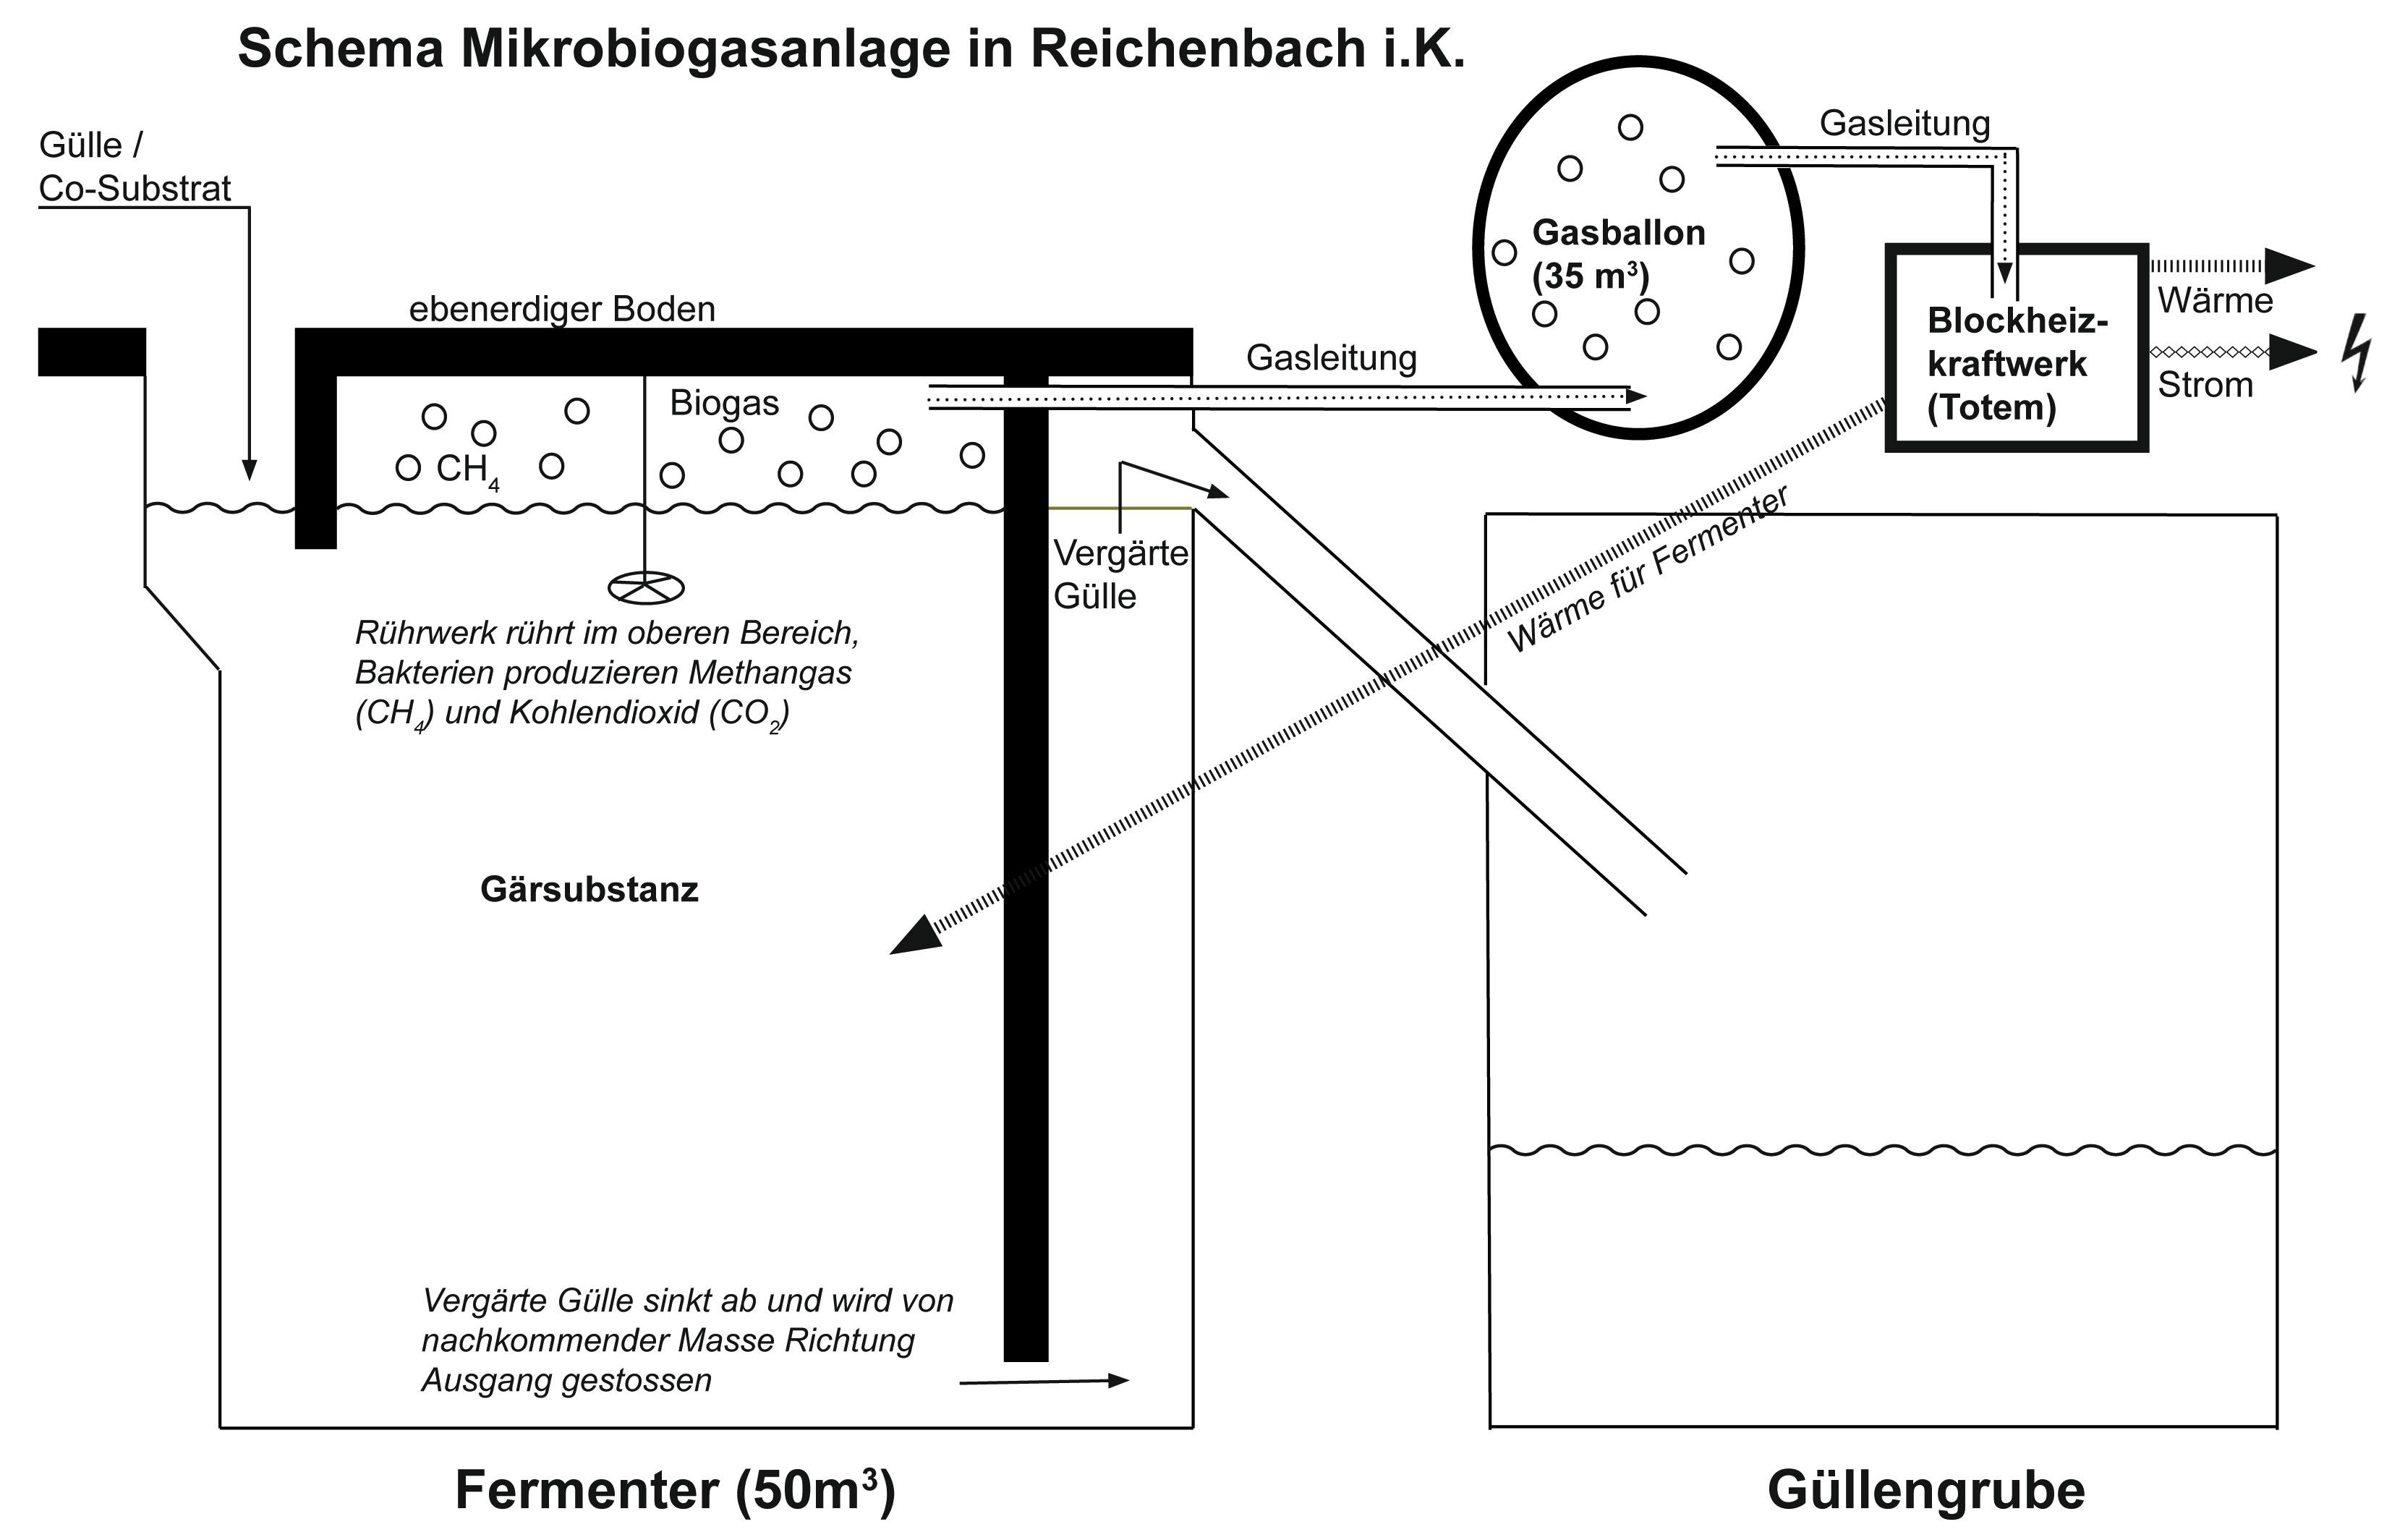 Berühmt Mikrobiogasanlagen: Klein aber oho! – eppenberger-media gmbh #OD_21